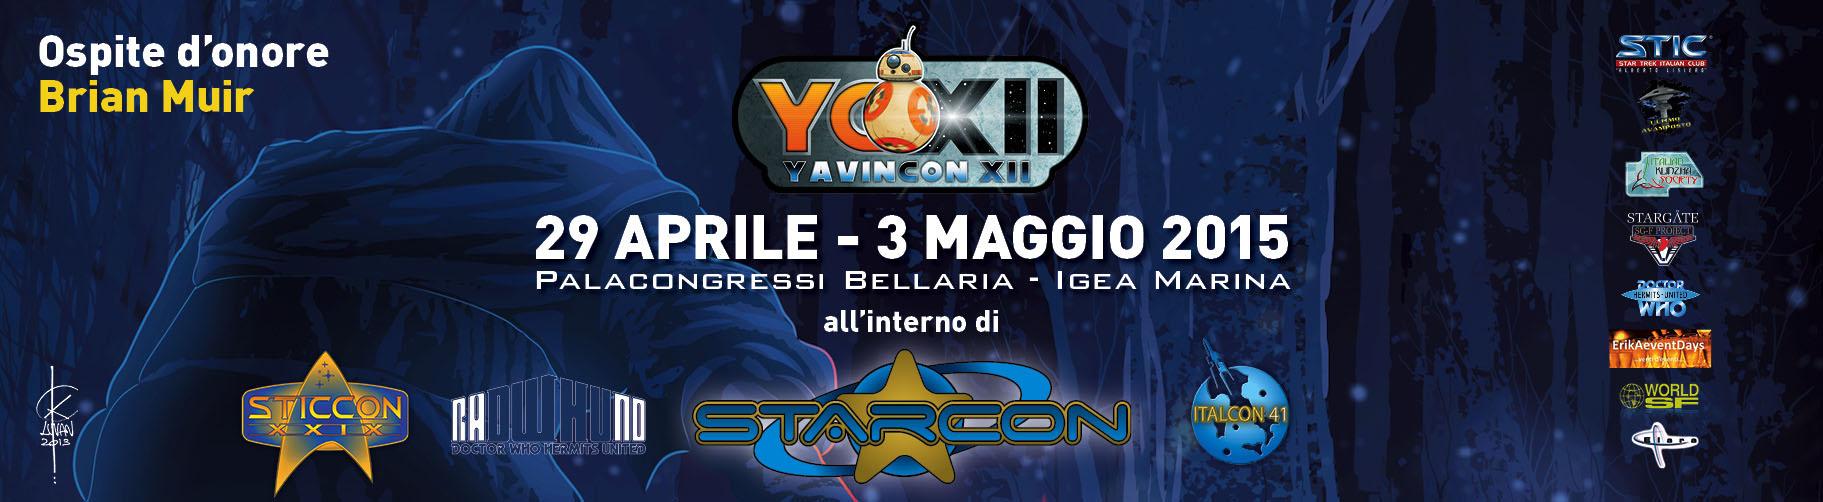 Yavincon XII, 29 aprile - 3 maggio 2015